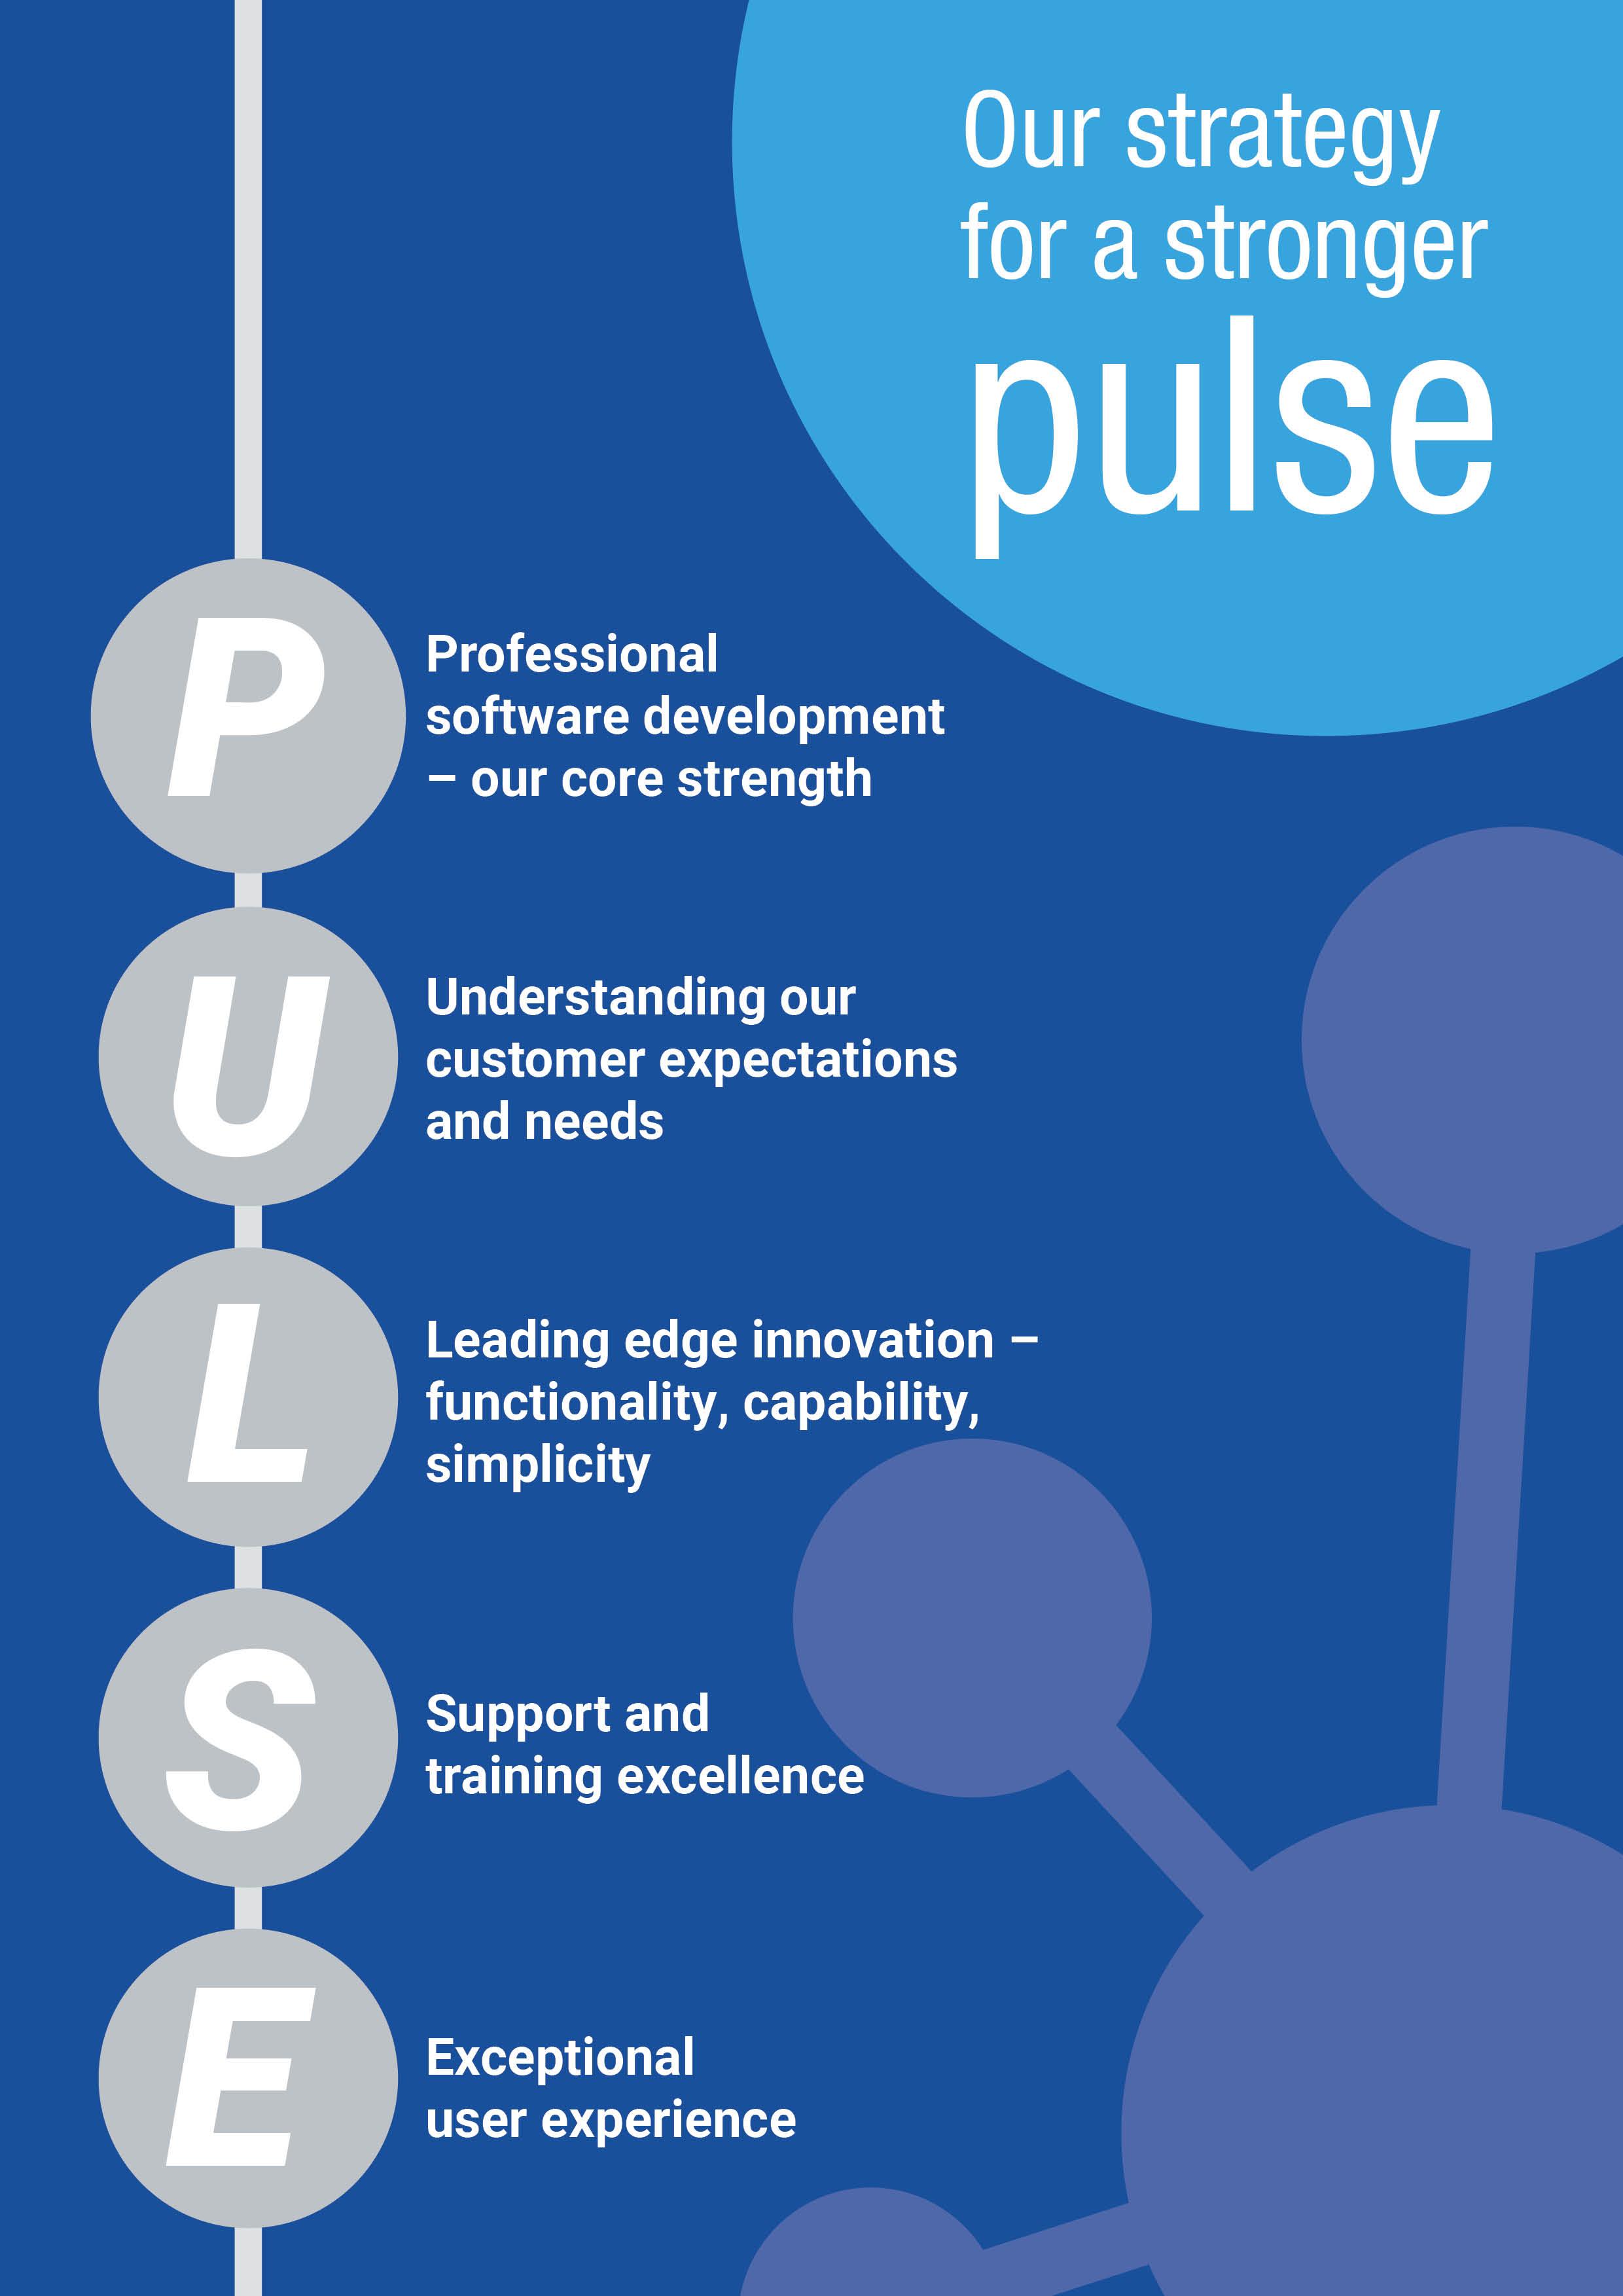 Pulse credo 2019